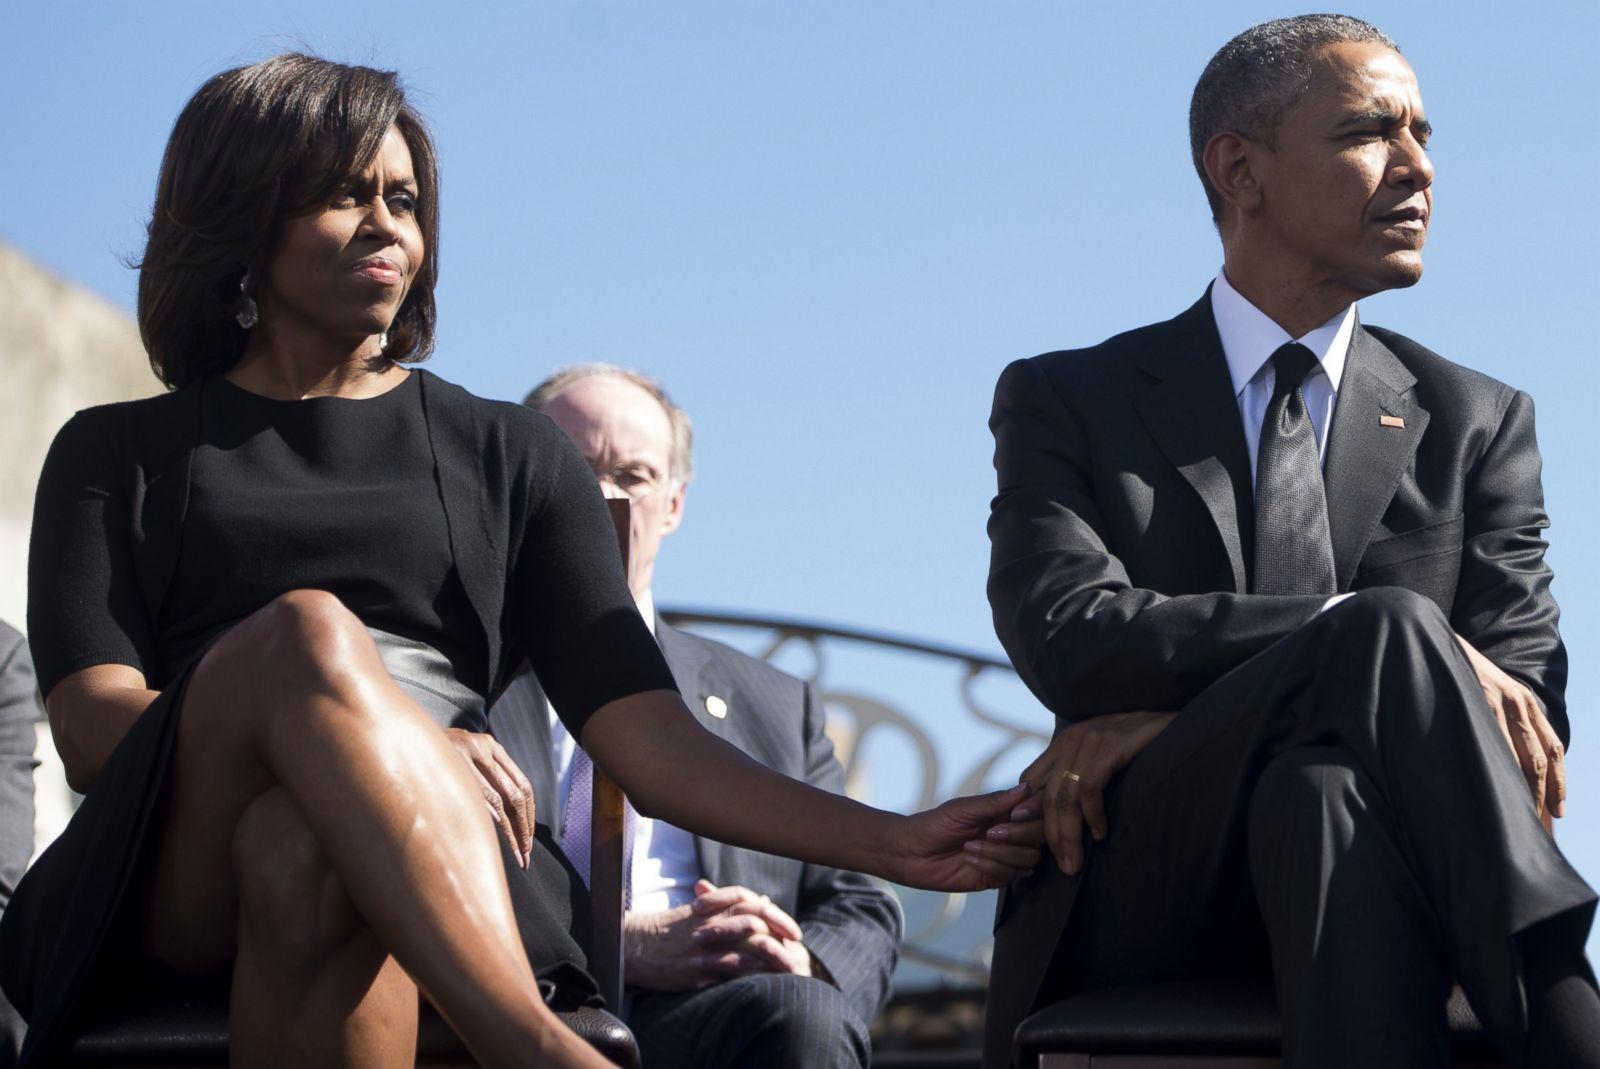 Was michelle obama born a man